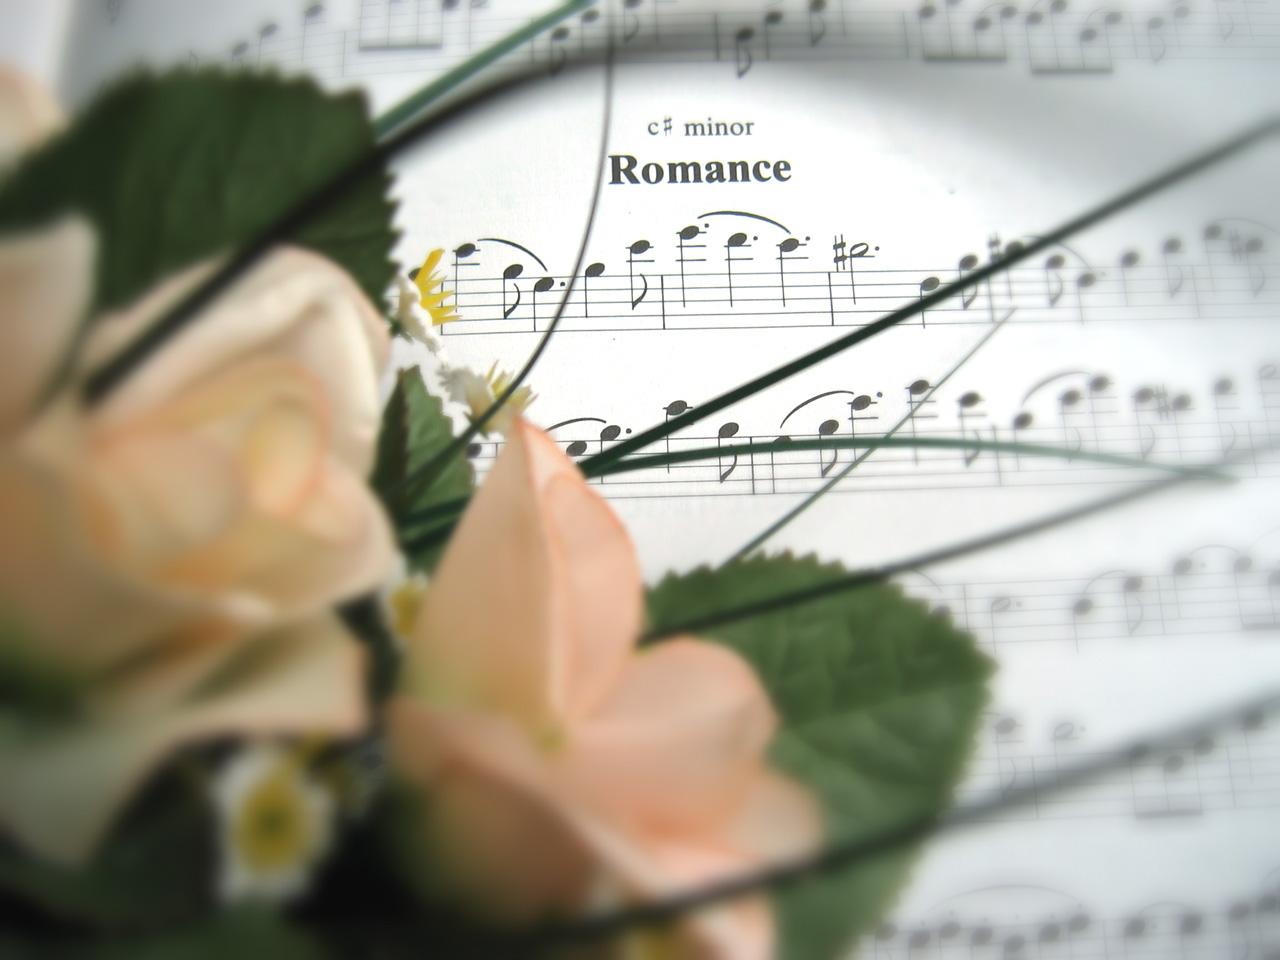 Quantas músicas tem na cerimonia de casamento? 1